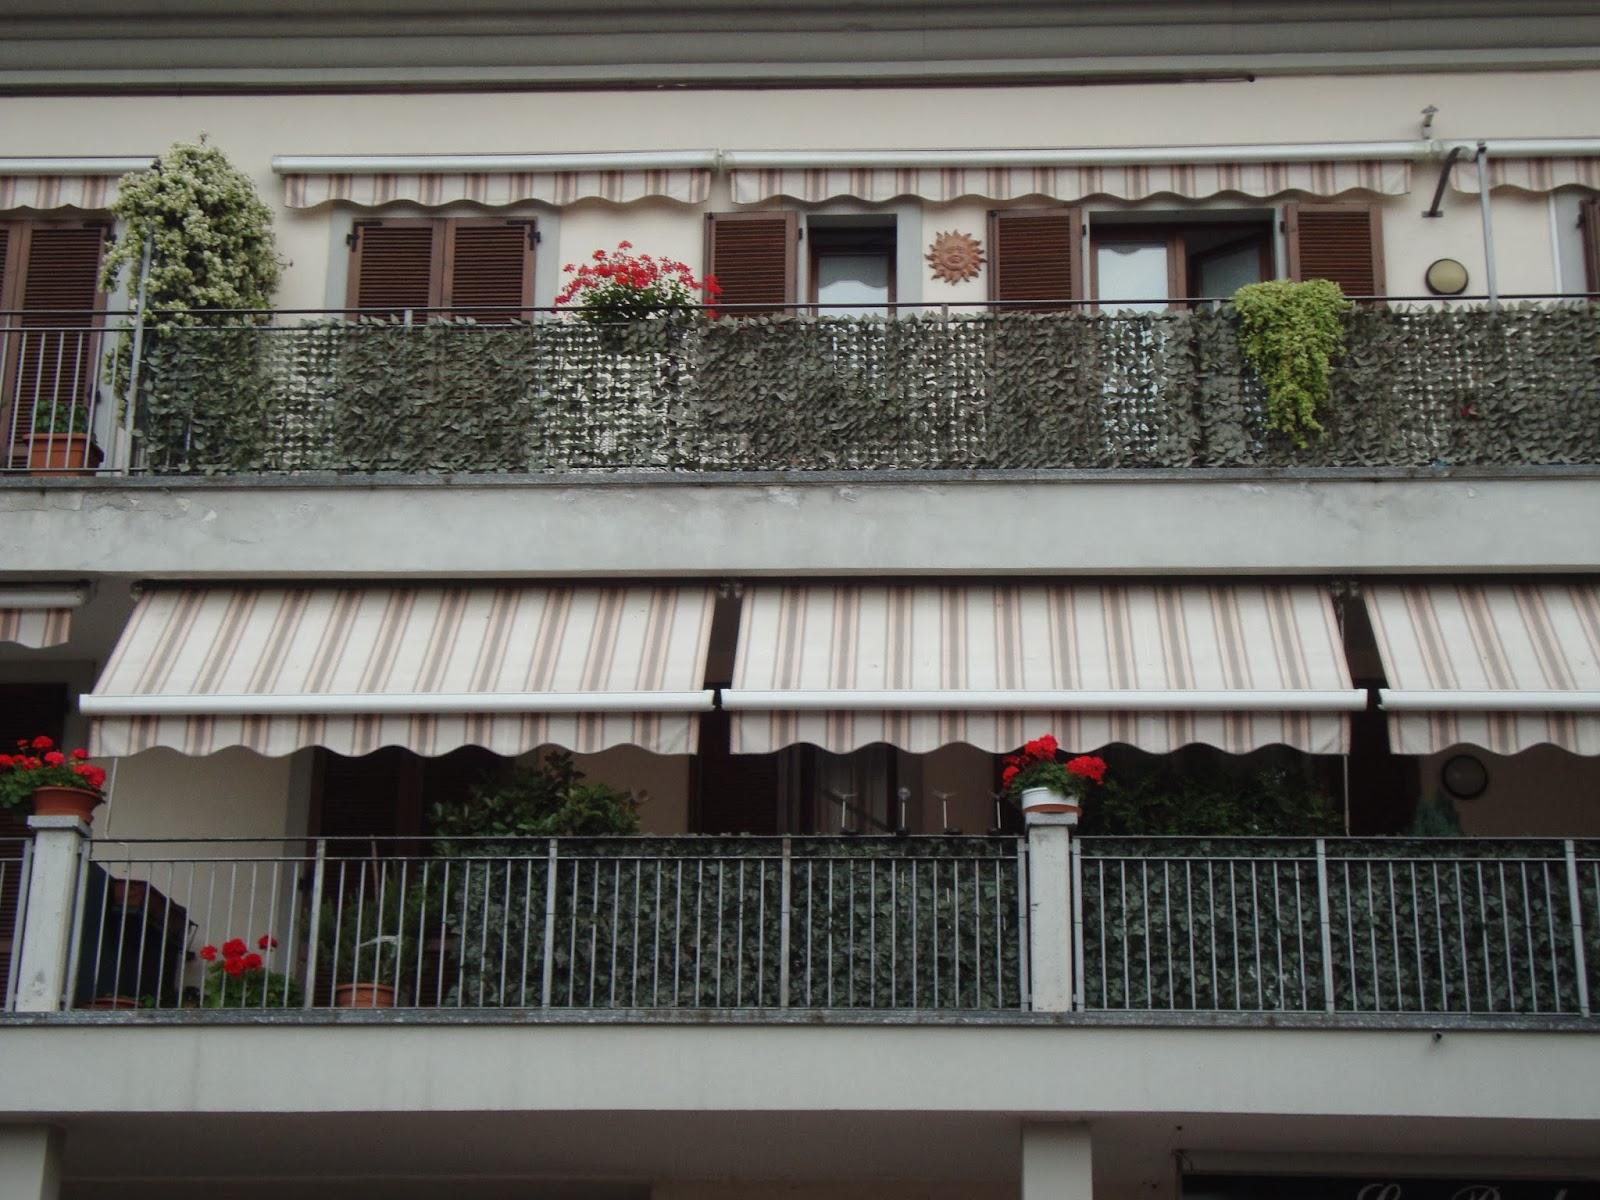 Un piccolo giardino in citt sempreverde sempreorribile for Siepi artificiali per balconi